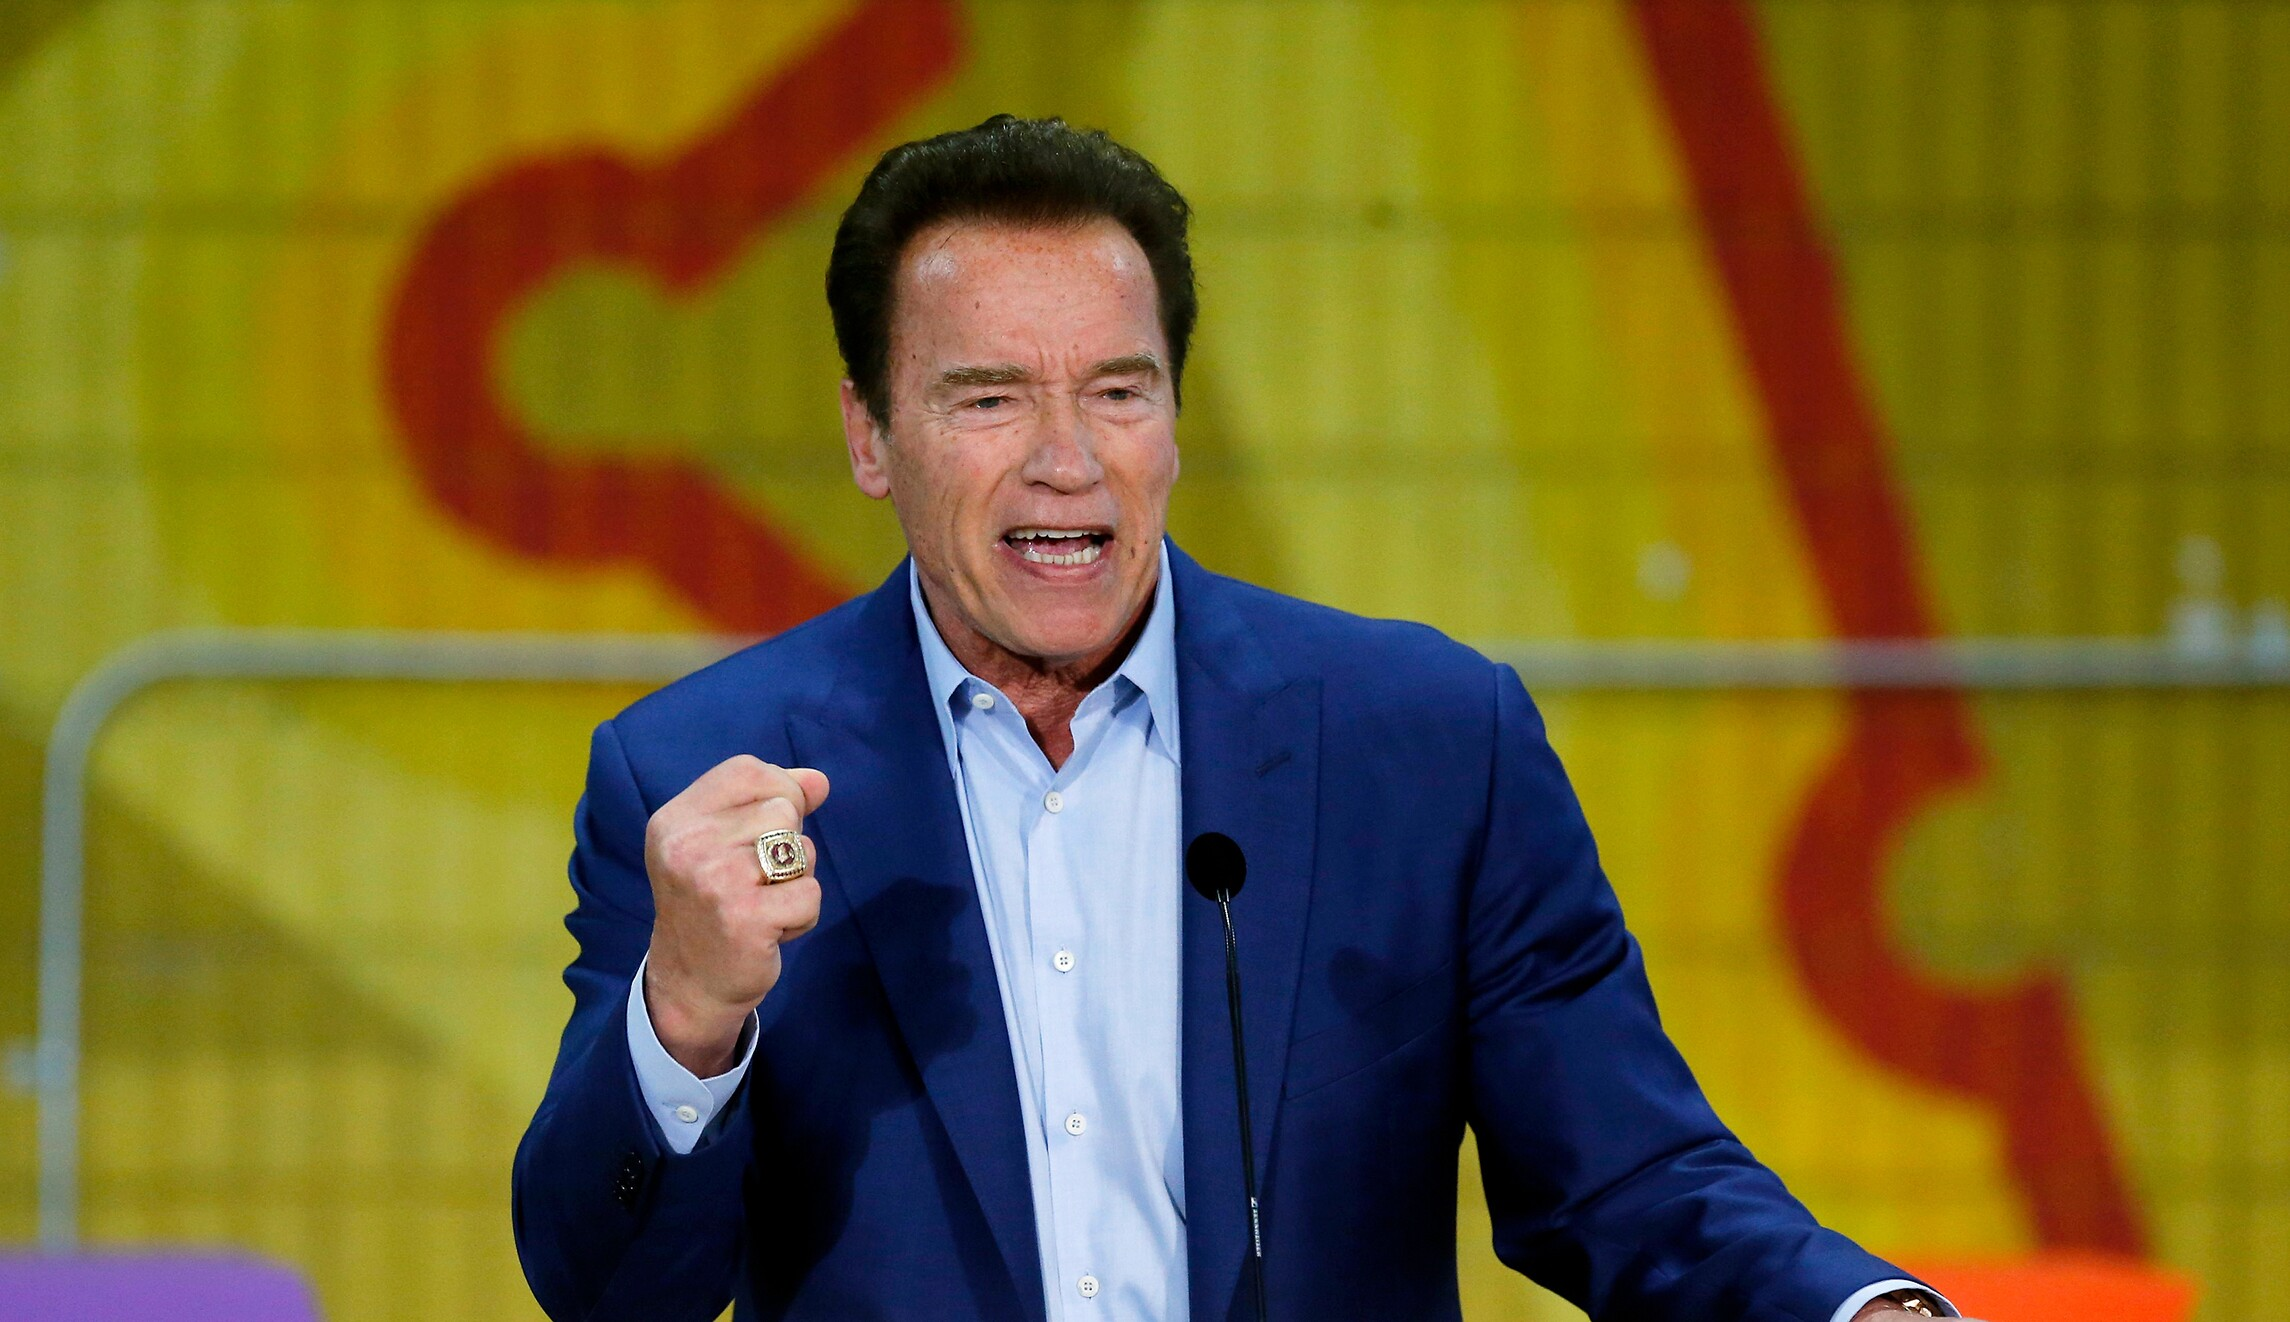 Arnold Schwarzenegger Channels Mr Freeze After Troll